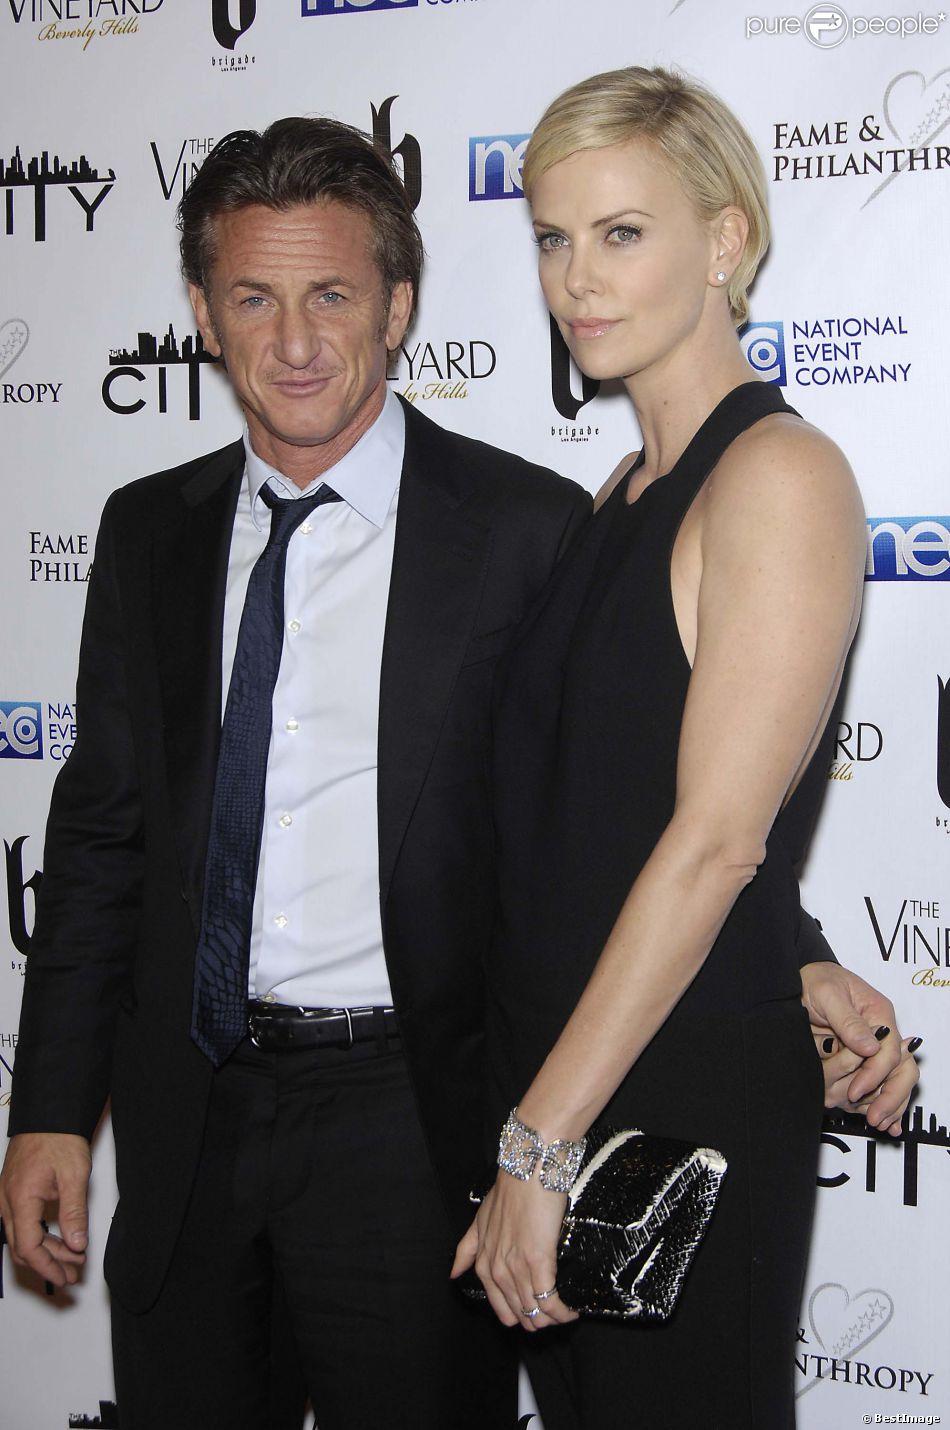 """Première apparition officielle de Sean Penn et Charlize Theron lors du gala de charité """"Fame & Philanthropy"""" à Beverly Hills, le 2 mars 2014."""